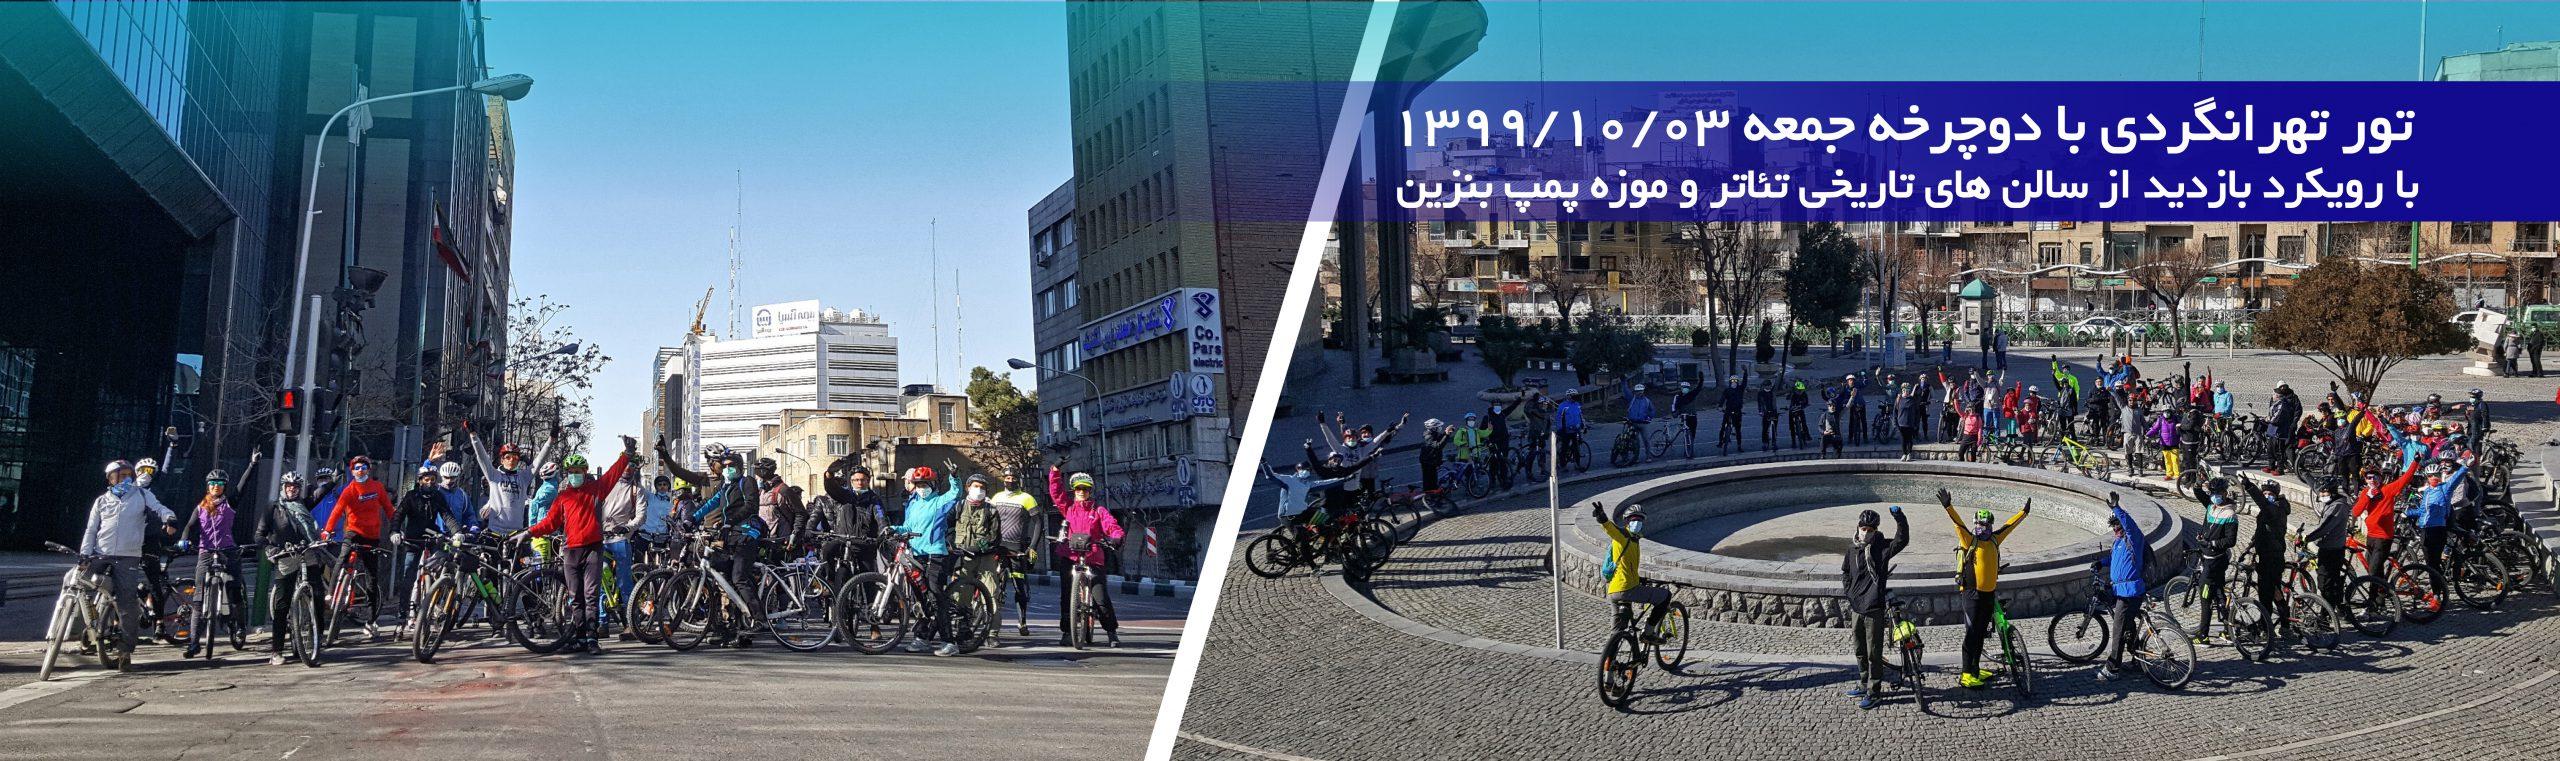 تور تهرانگردی با دوچرخه به مناسبت روز هوای پاک